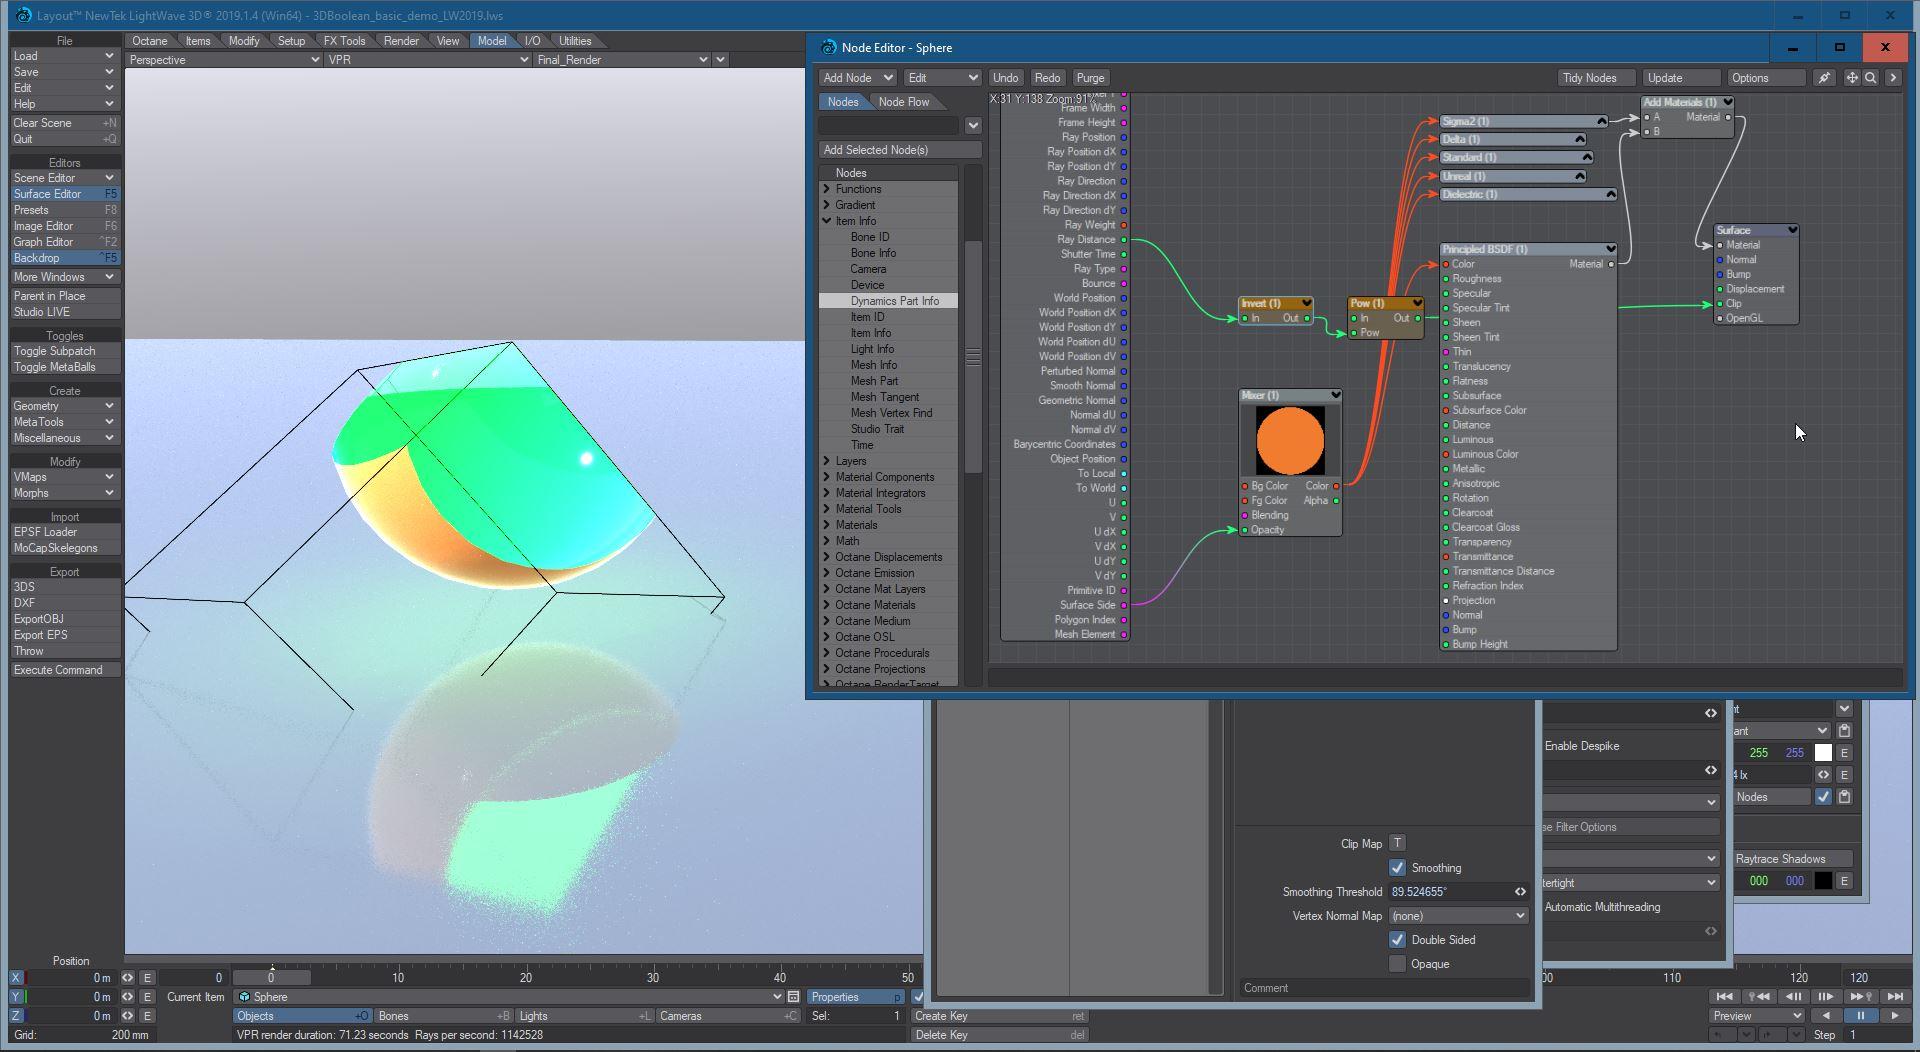 Nome: 2020-02-14 14_24_00-Layout™ NewTek LightWave 3D® 2019.1.4 (Win64) - 3DBoolean_basic_demo_LW2019..jpg Visite: 16 Dimensione: 240.9 KB